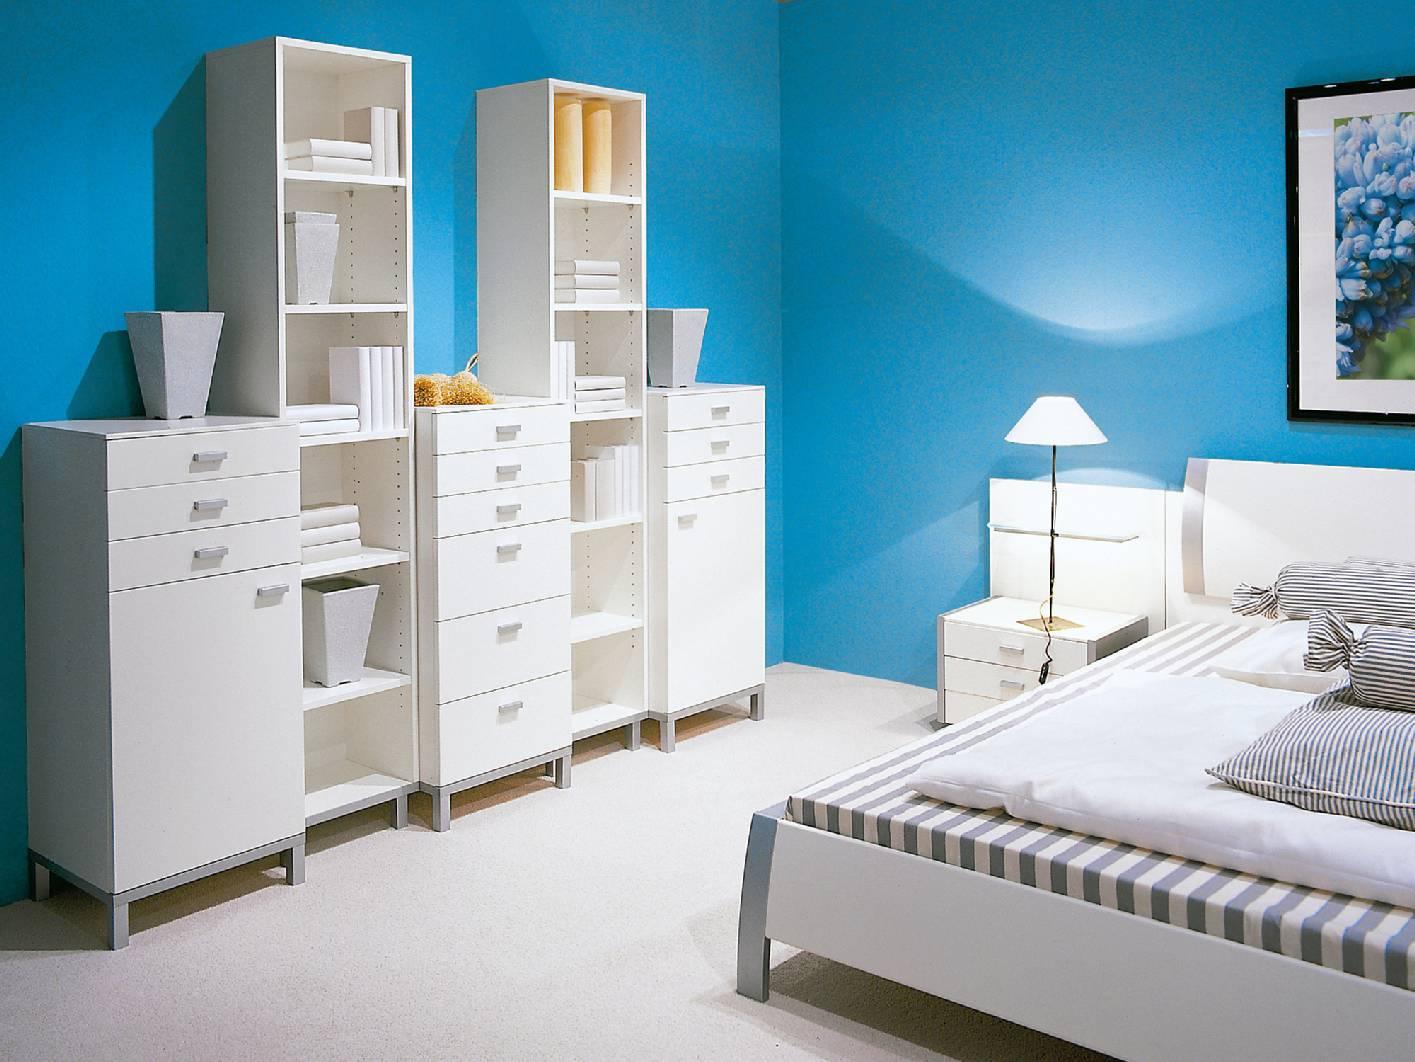 Wir Verarbeiten Hochwertige Produkte Bekannter Hersteller Für Wandfarben